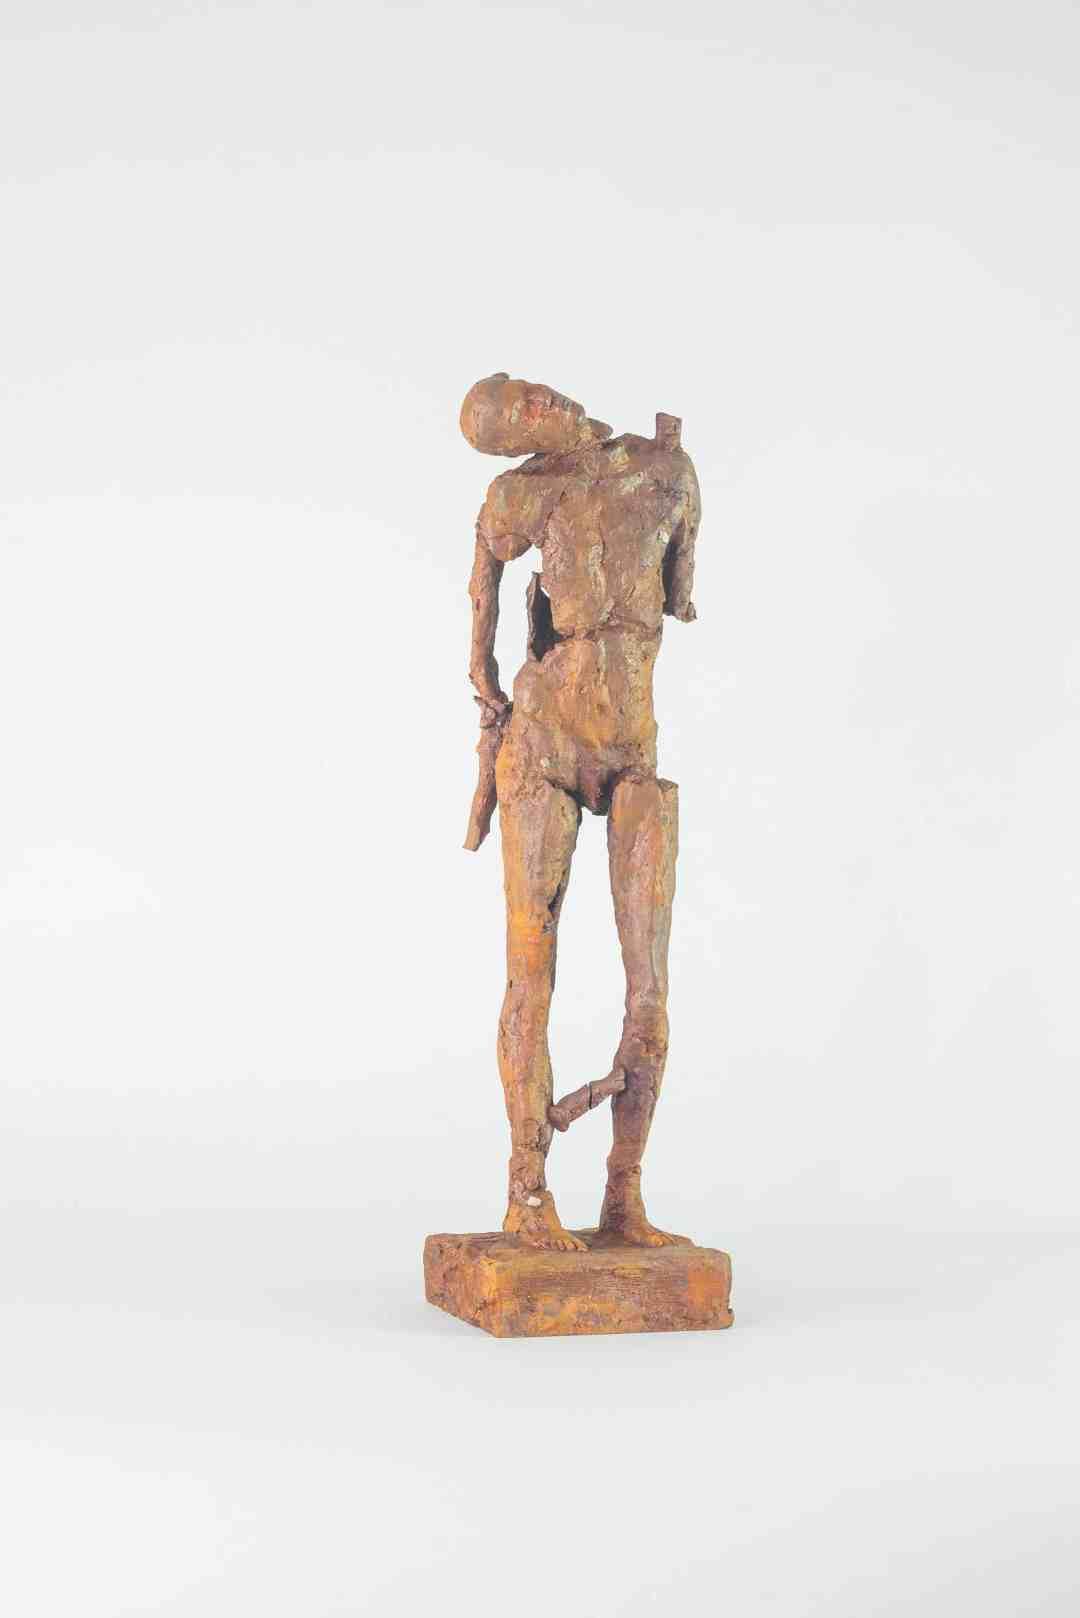 Paweł Otwinowski, Wracając od Ewy, cast iron, 12,5 x 11 x 44 cm